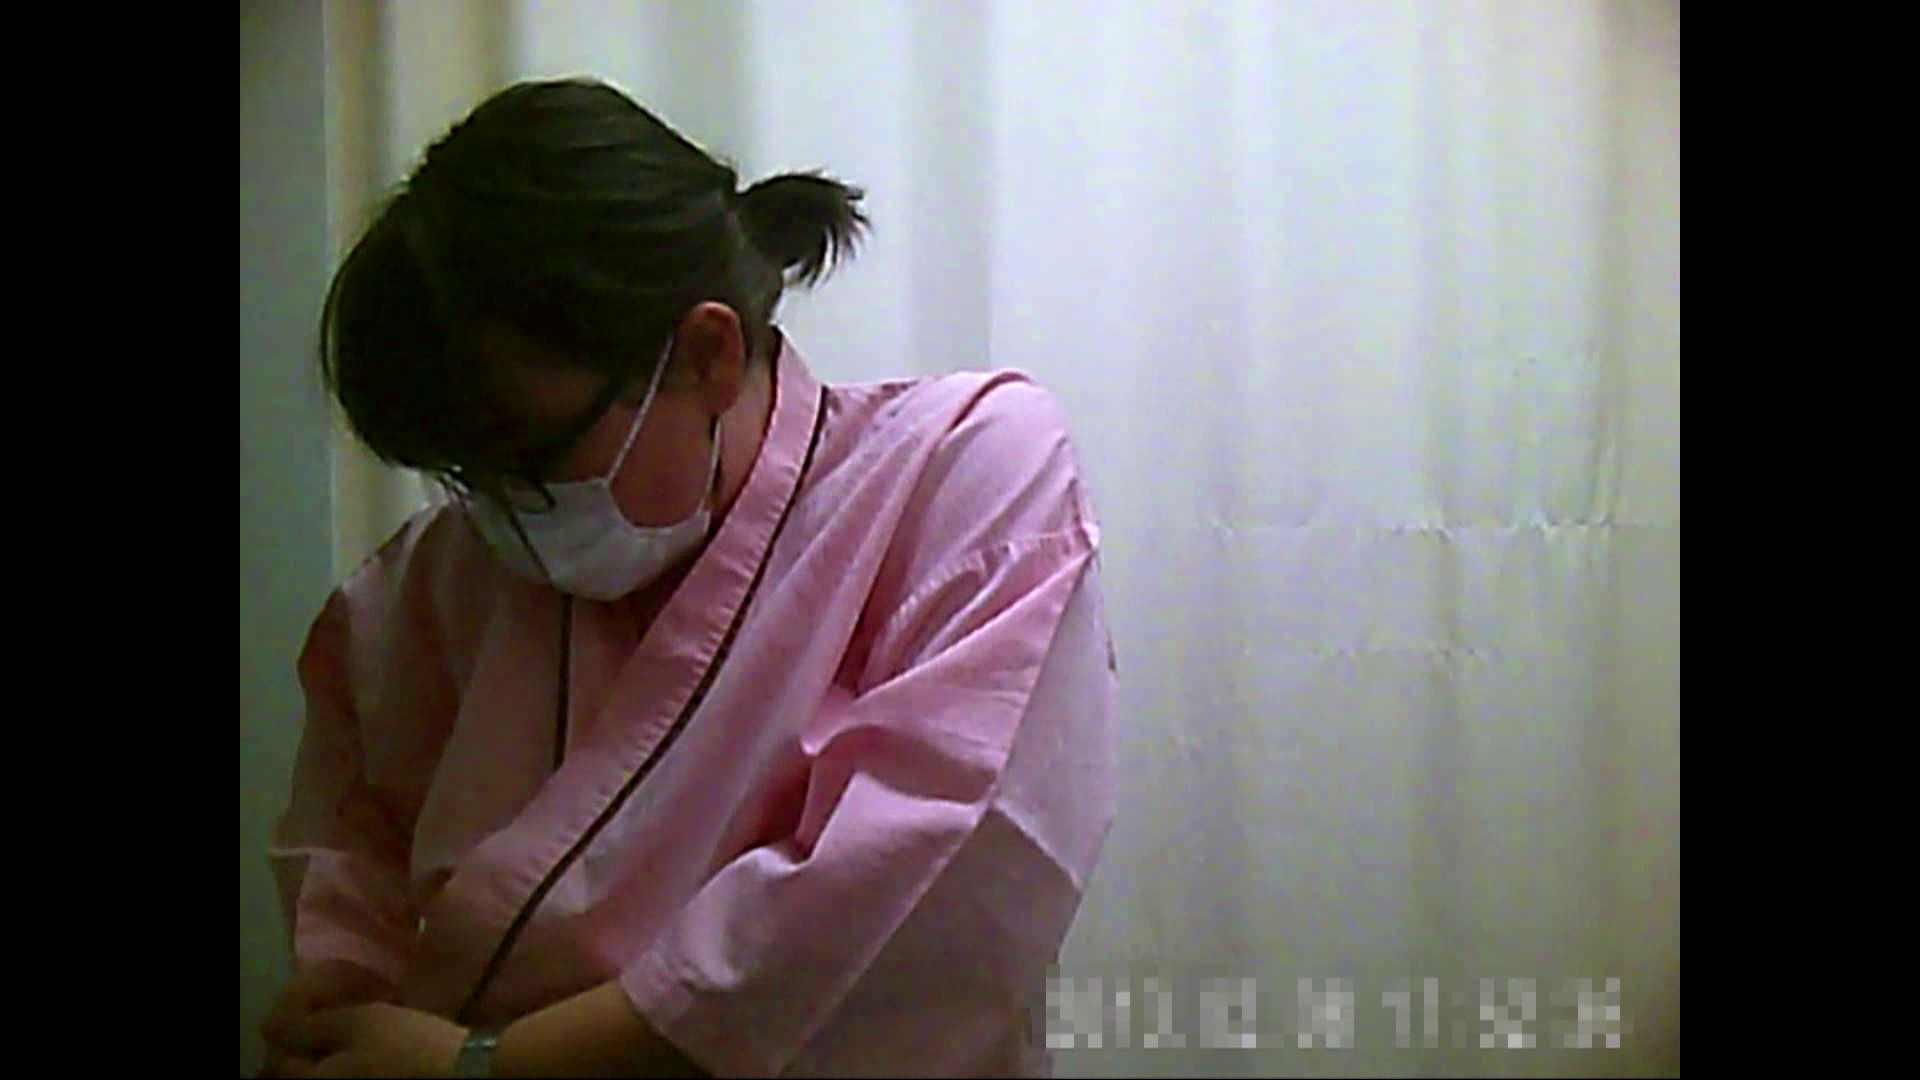 病院おもいっきり着替え! vol.148 OLエロ画像 盗み撮りAV無料動画キャプチャ 88PICs 2